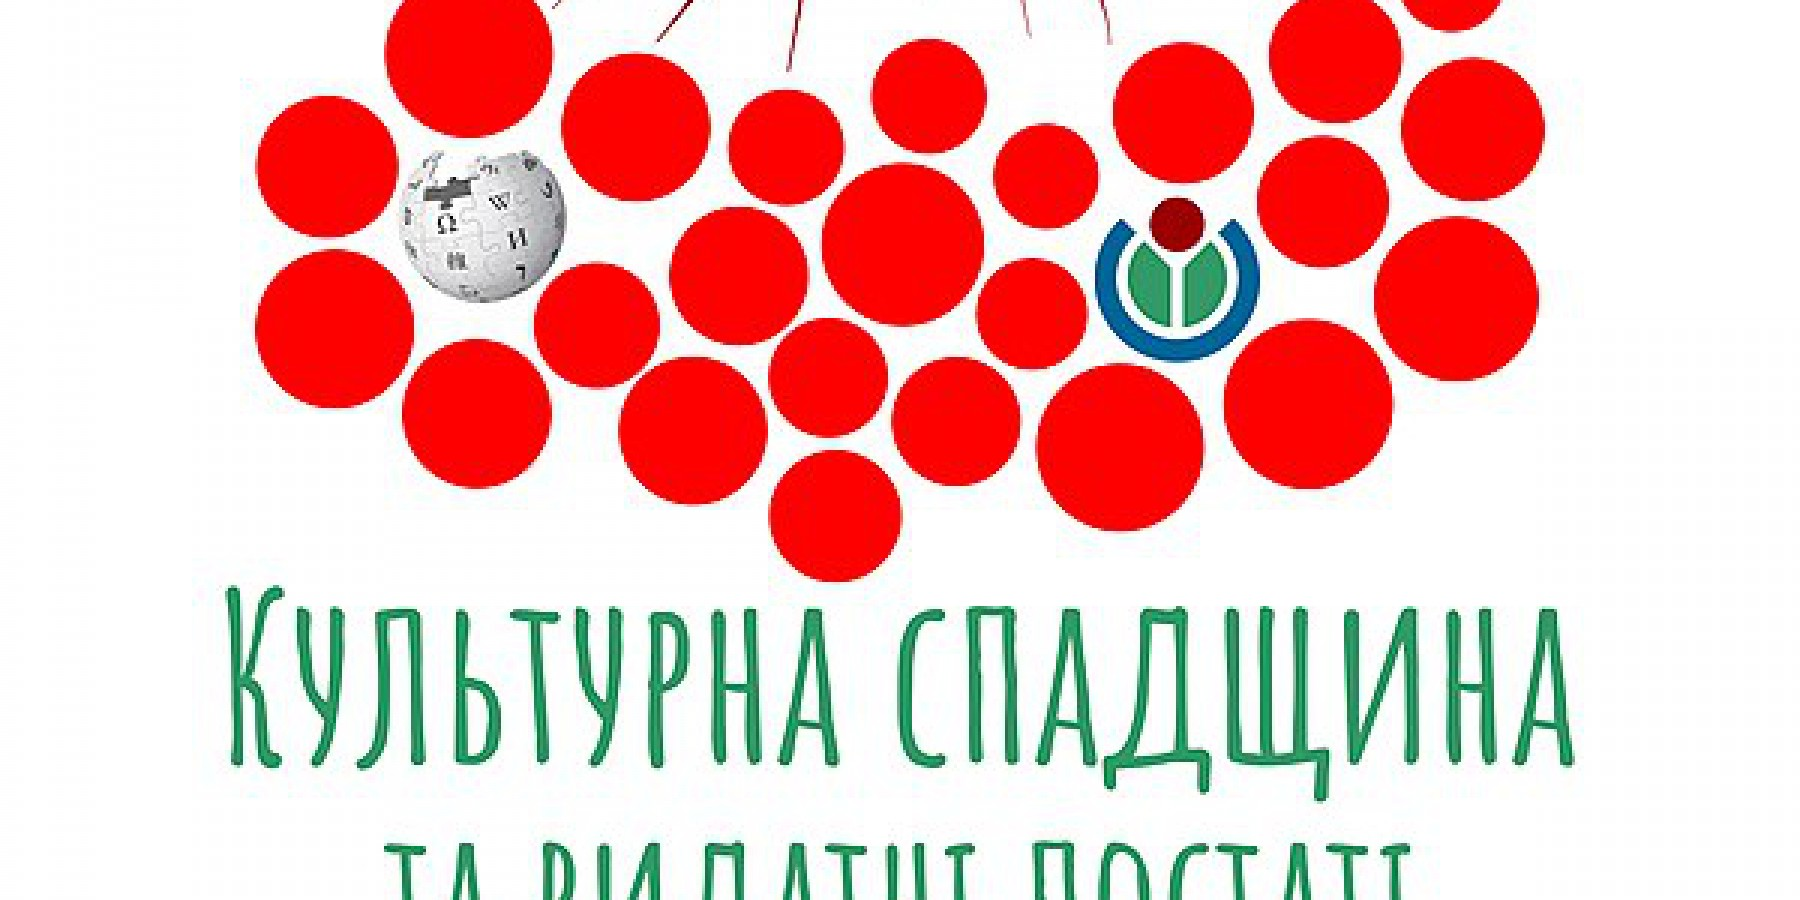 У Вікіпедії пройде конкурс статей про культурну спадщину і видатних постатей України